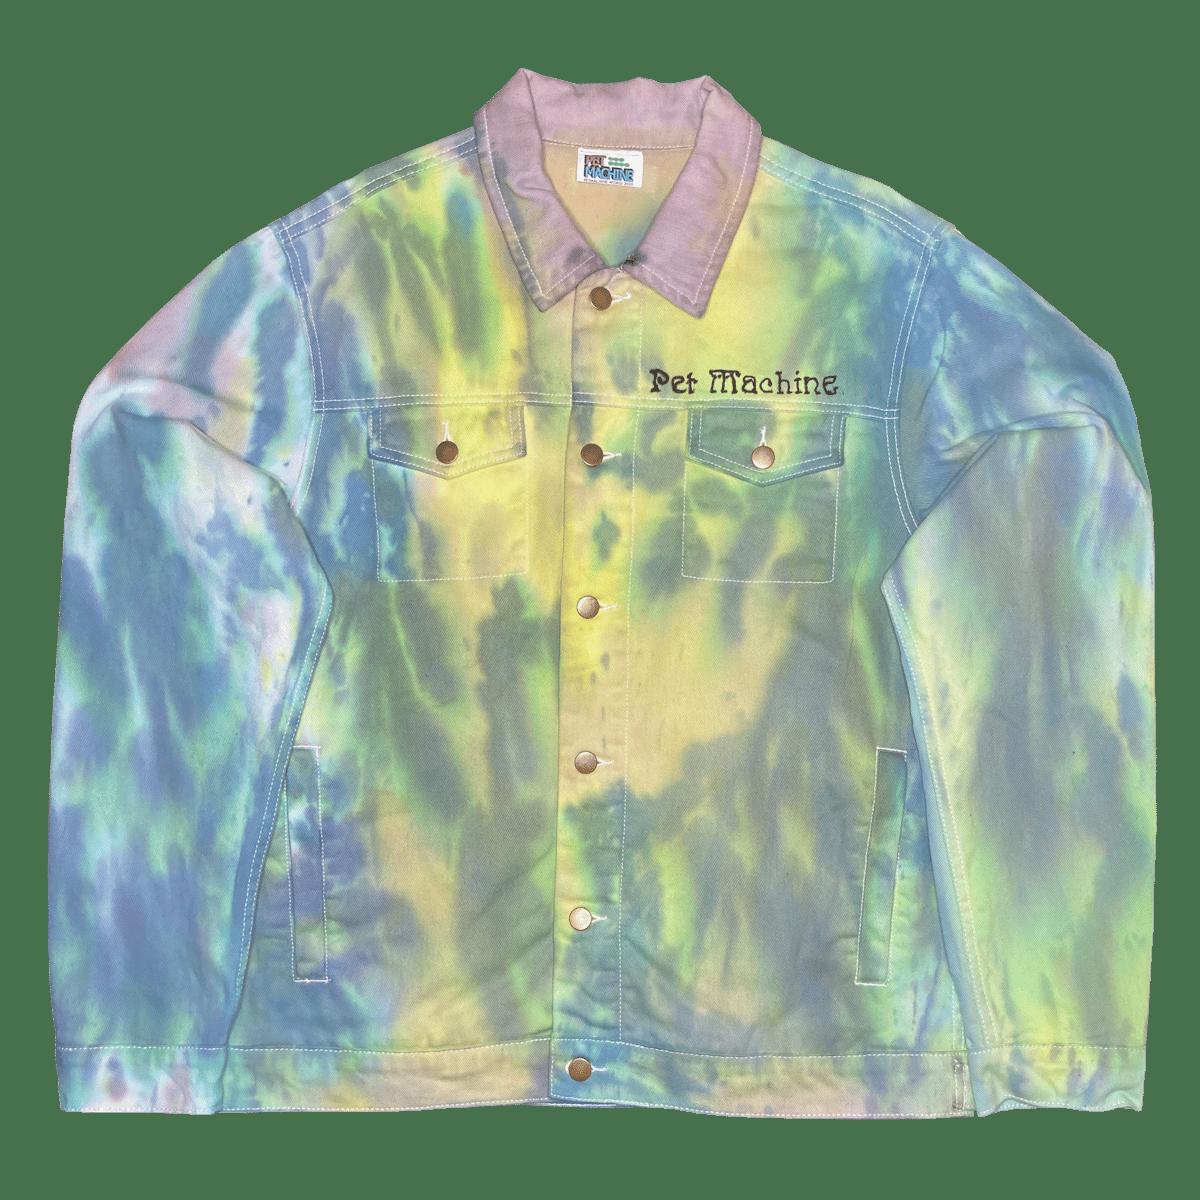 Image of WONDERWALL jacket